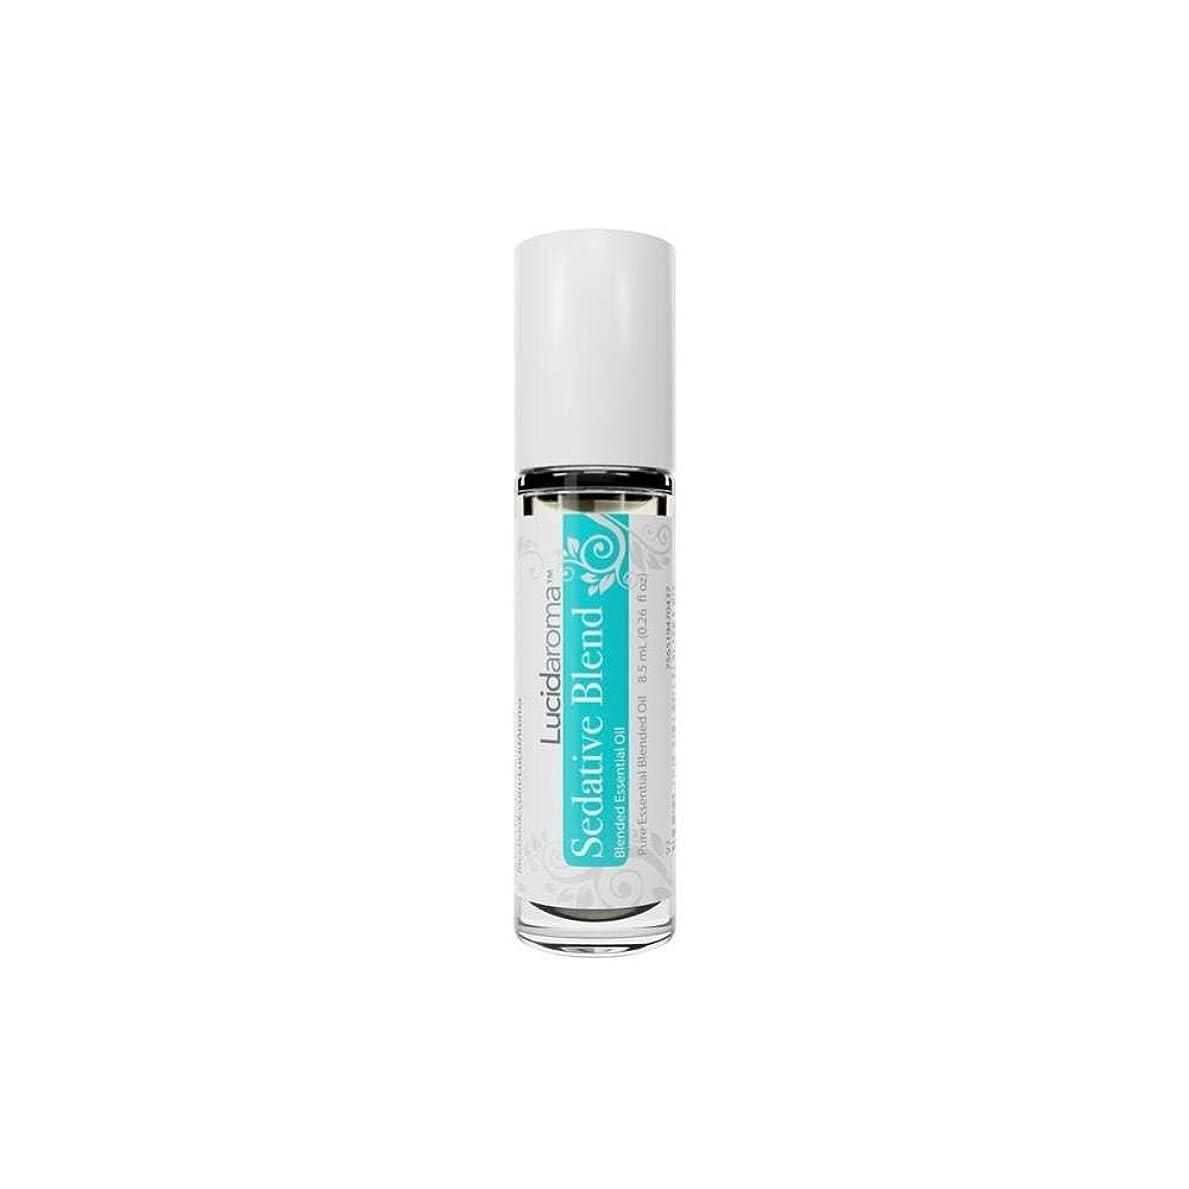 パパ縫う軽減するLucid Aroma Sedative Blend セダティヴ ブレンド ロールオン アロマオイル 8.5mL (塗るアロマ) 100%天然 携帯便利 ピュア エッセンシャル アメリカ製